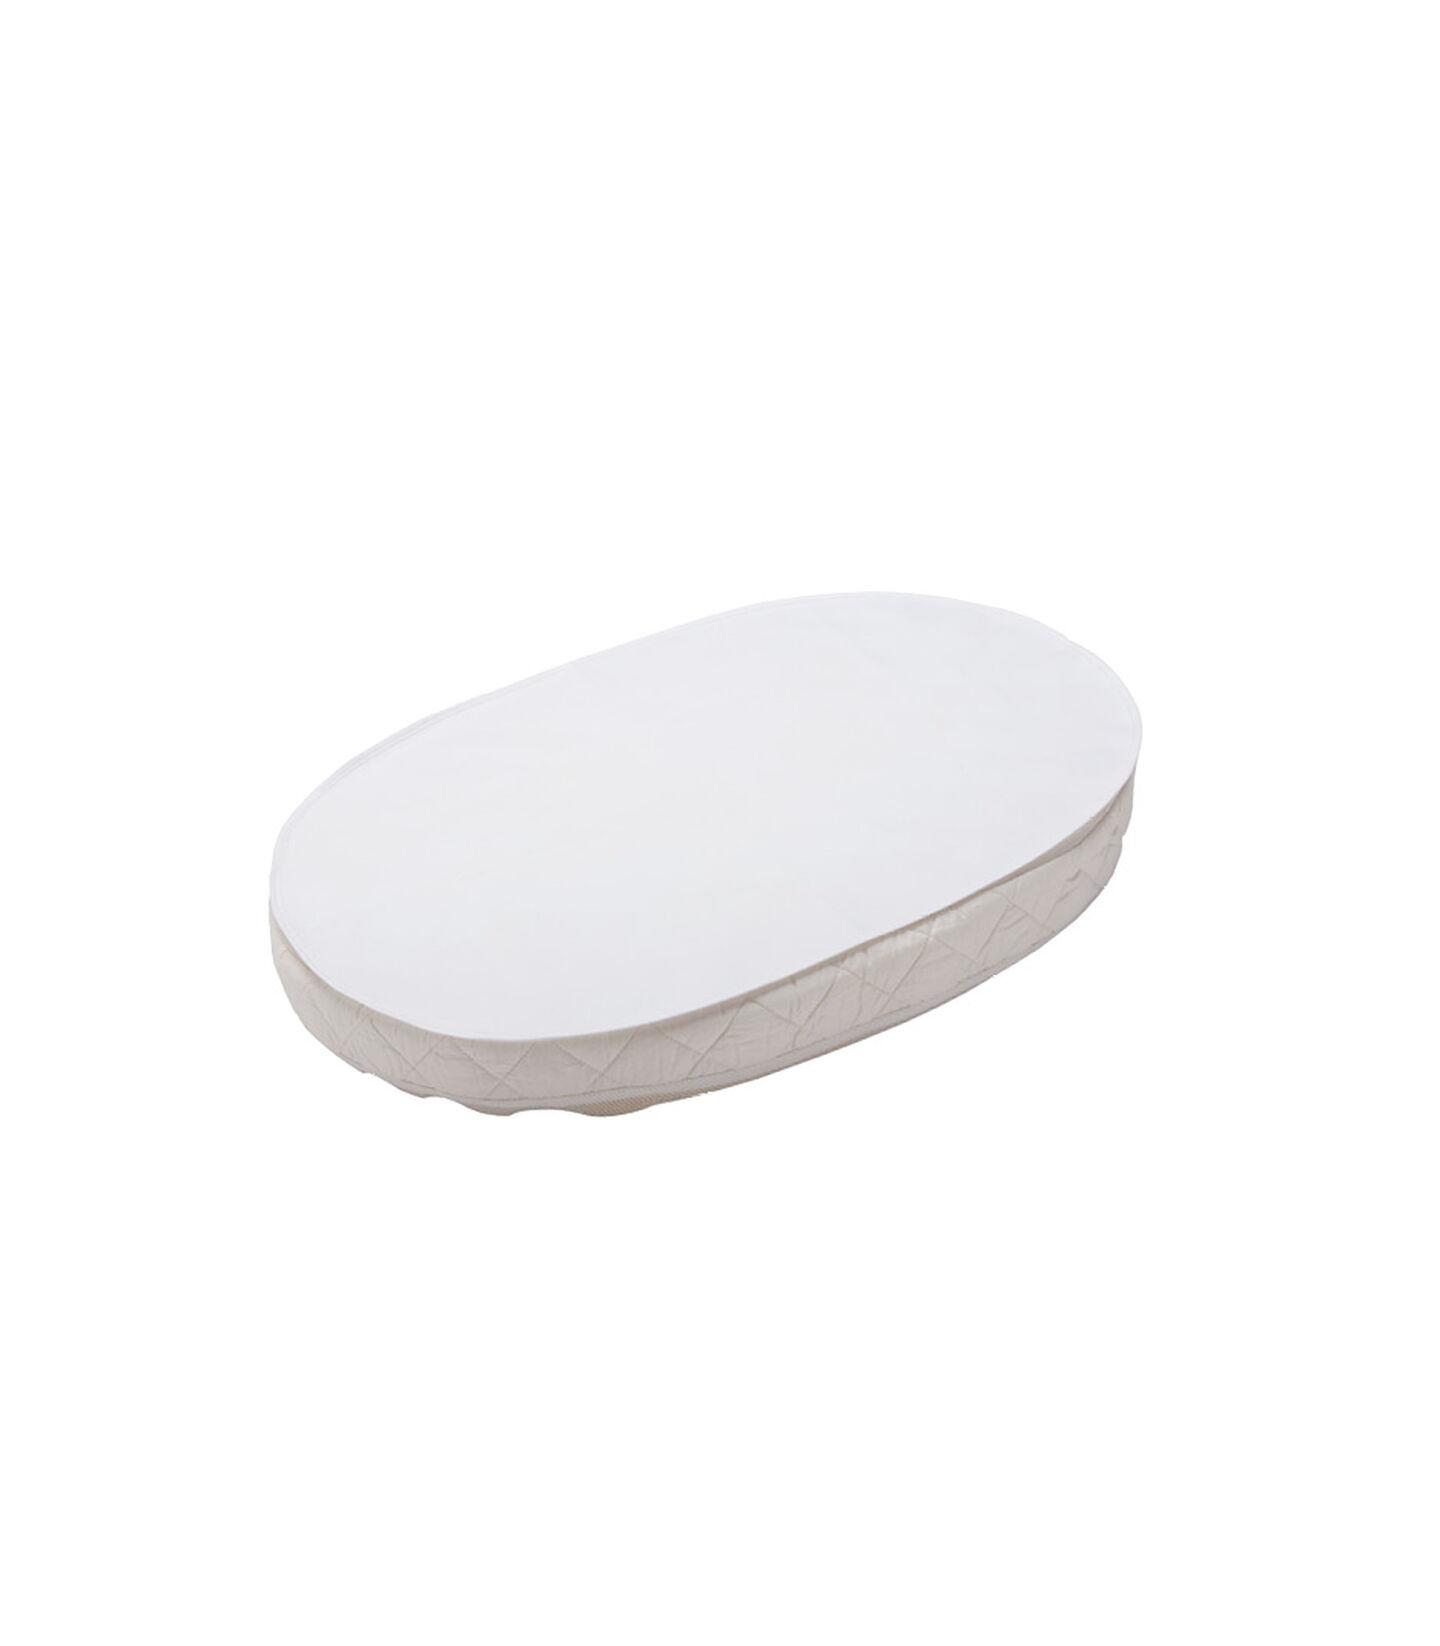 Stokke® Sleepi™ Mini Nässestop Oval, , mainview view 2